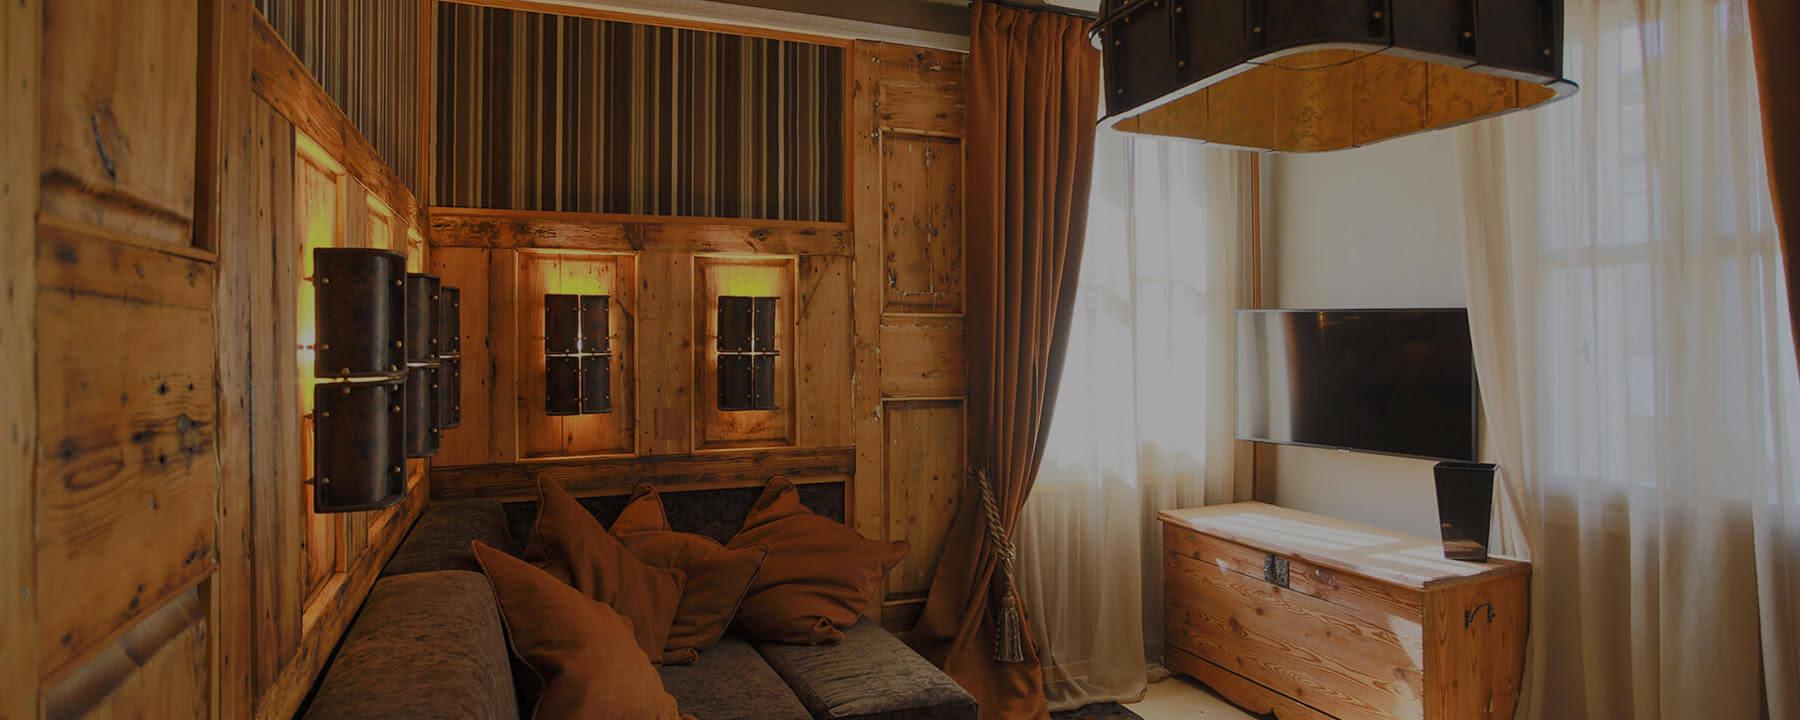 Site Ul De Chat Gratuit Brest Bar A Pute Annecy Slab Whores Femeile Foarte Fierbinți Sint Truiden